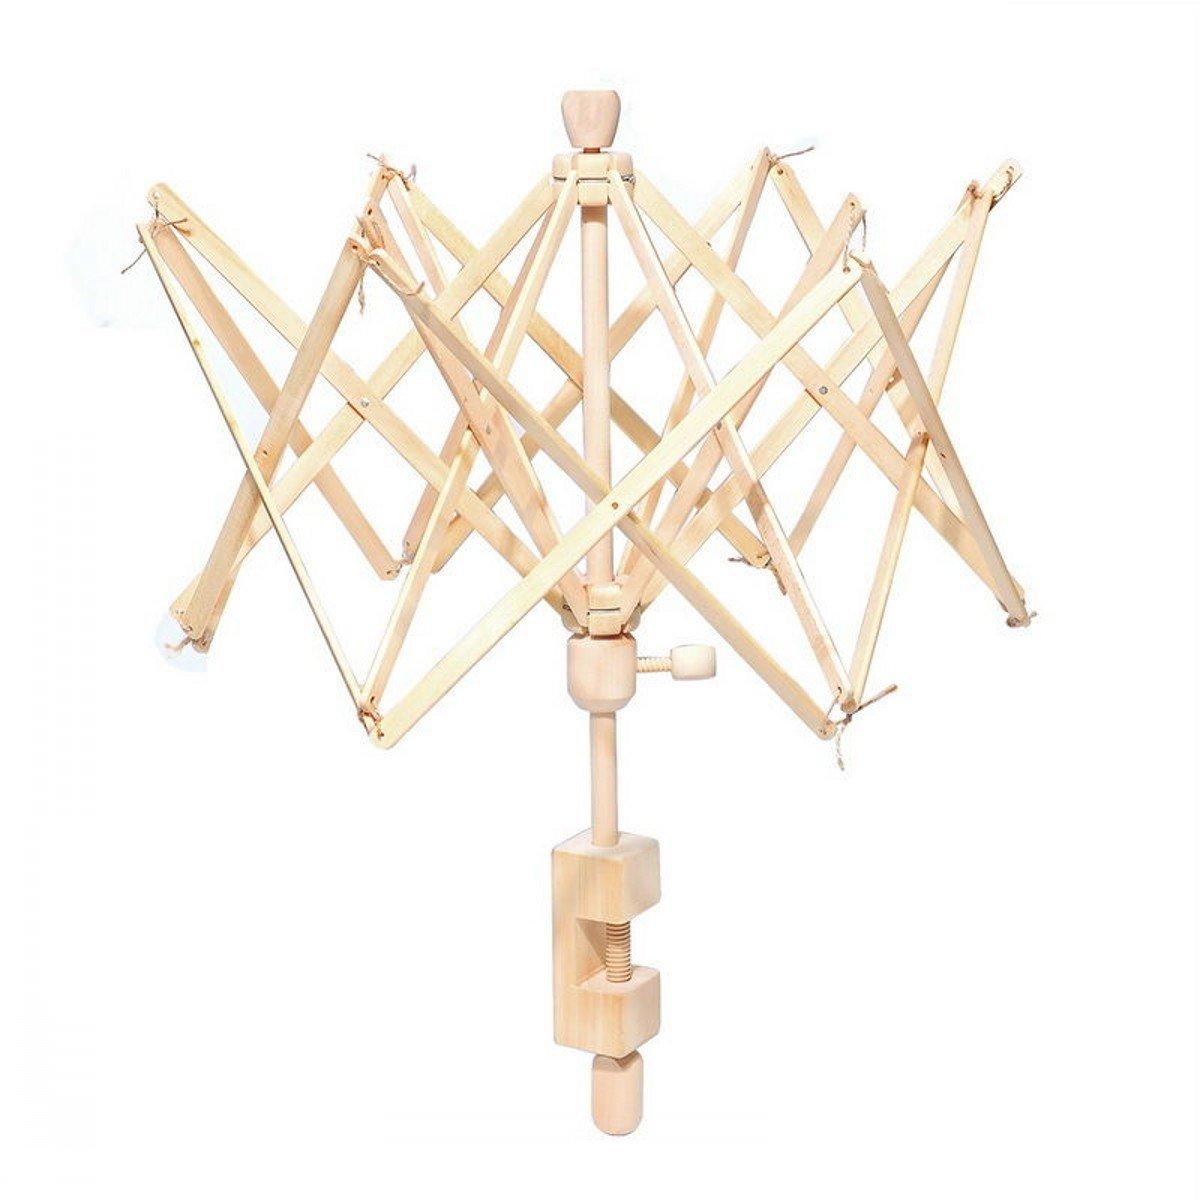 CHENGYIDA 1 Birch wooden Needlecraft Wooden Umbrella Swift Yarn Winder, Medium